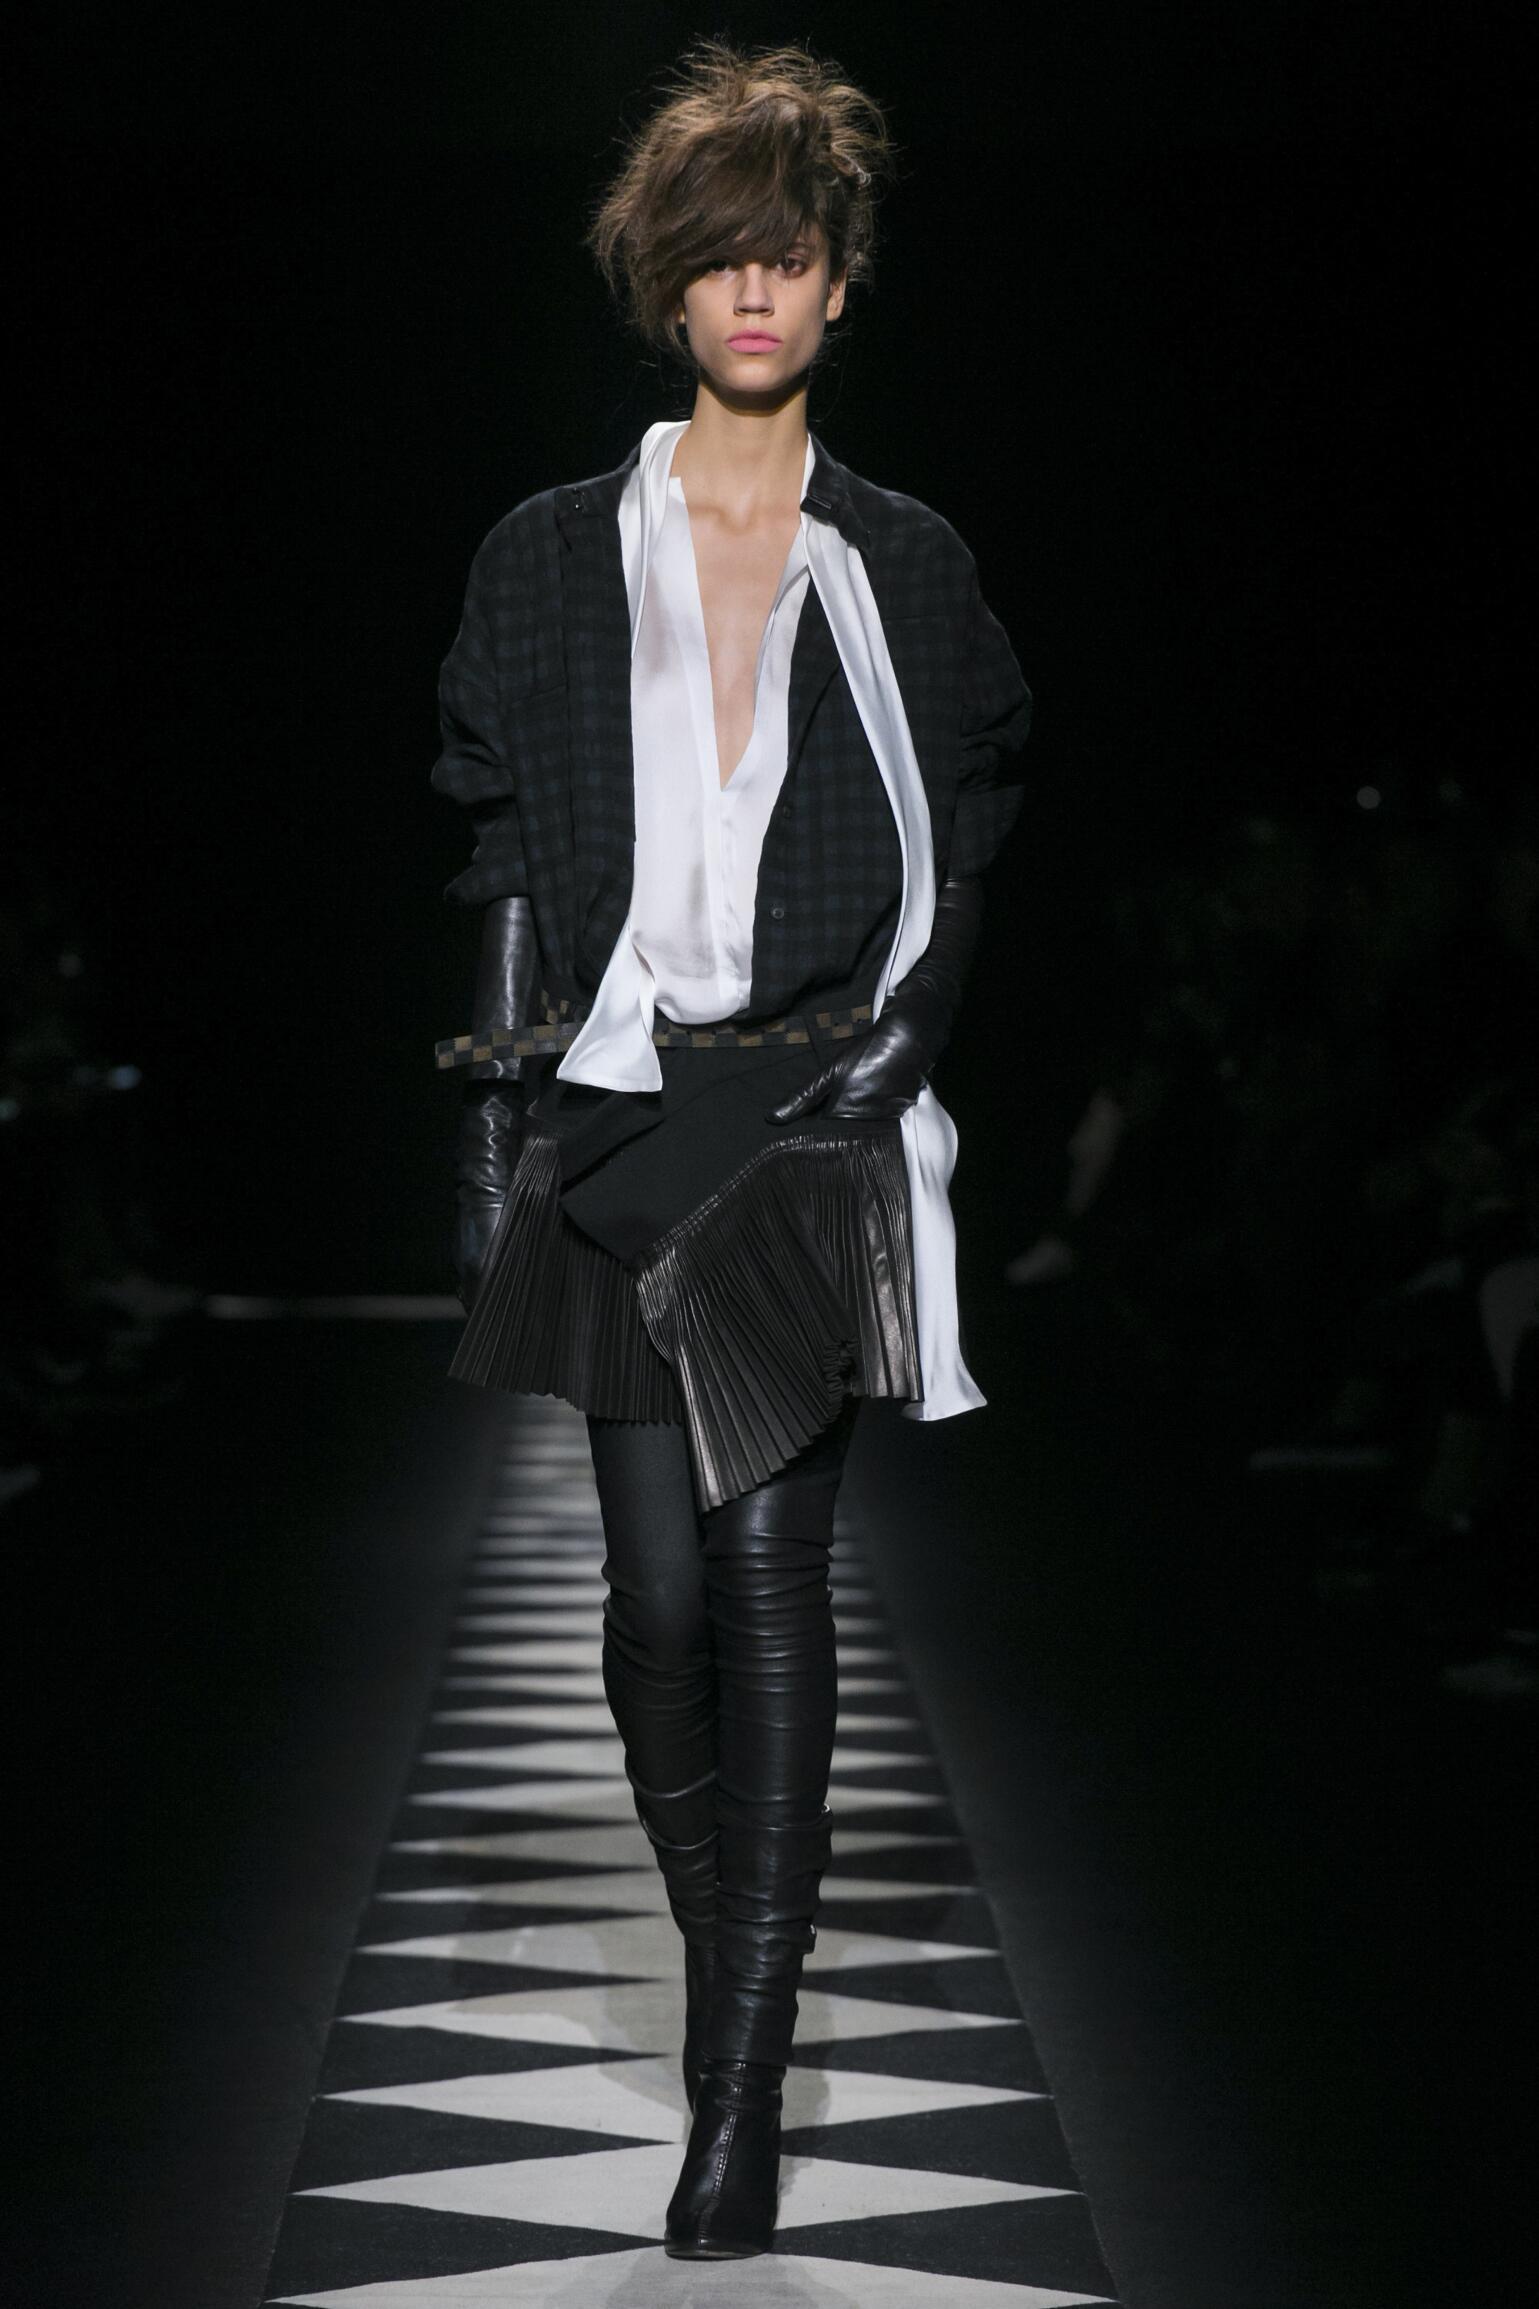 Haider Ackermann Fall Winter 2015 16 Womenswear Collection Paris Fashion Week Fashion Show